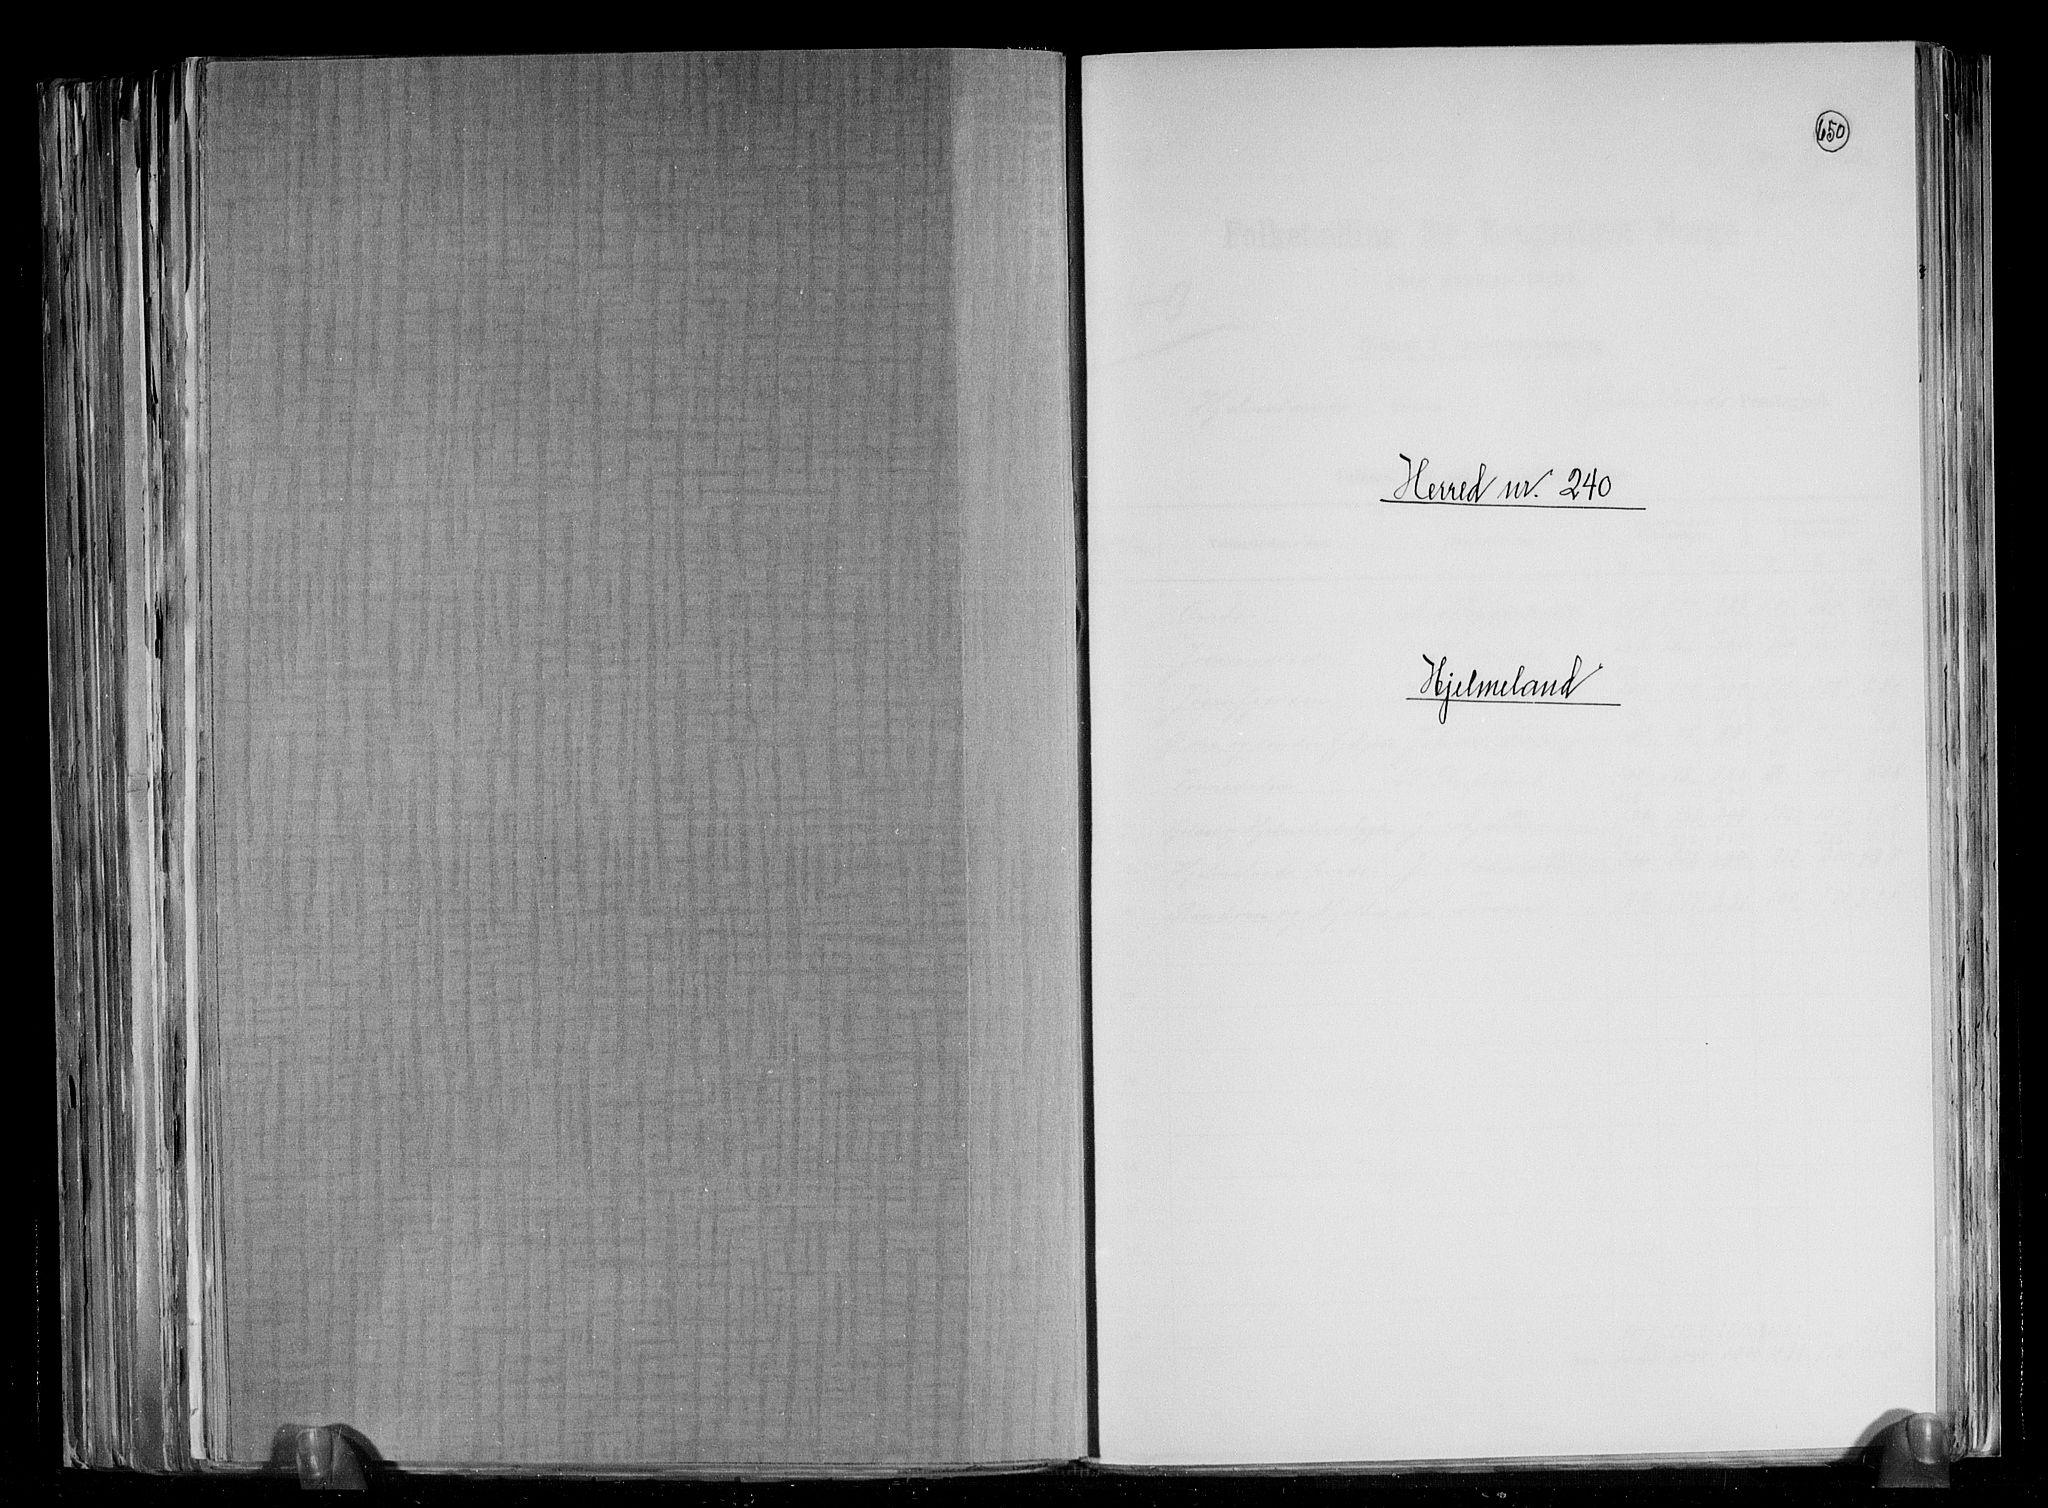 RA, Folketelling 1891 for 1133 Hjelmeland herred, 1891, s. 1